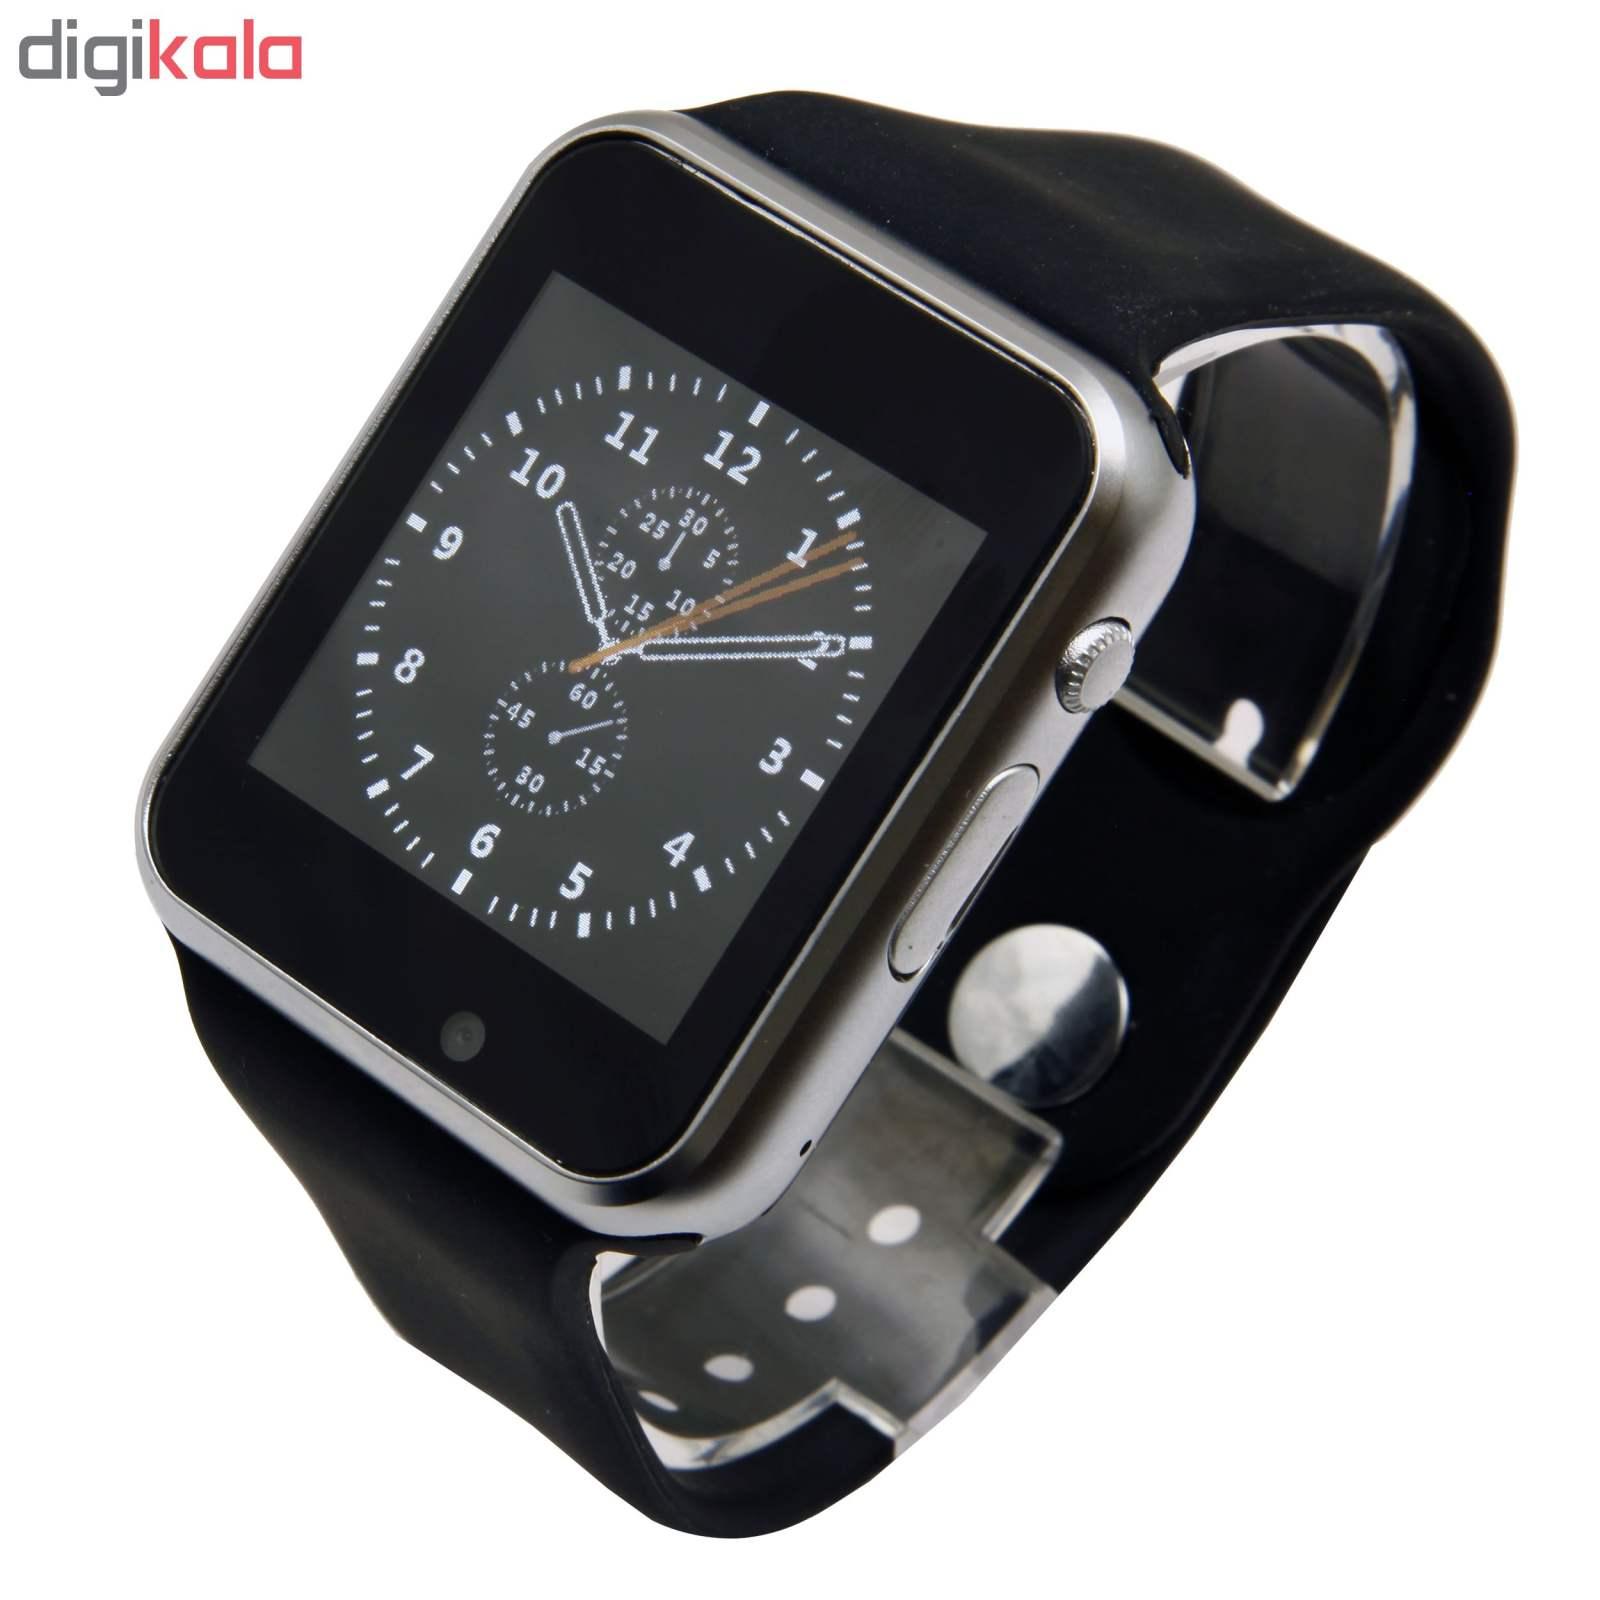 ساعت هوشمند جی تب مدل W101 main 1 20